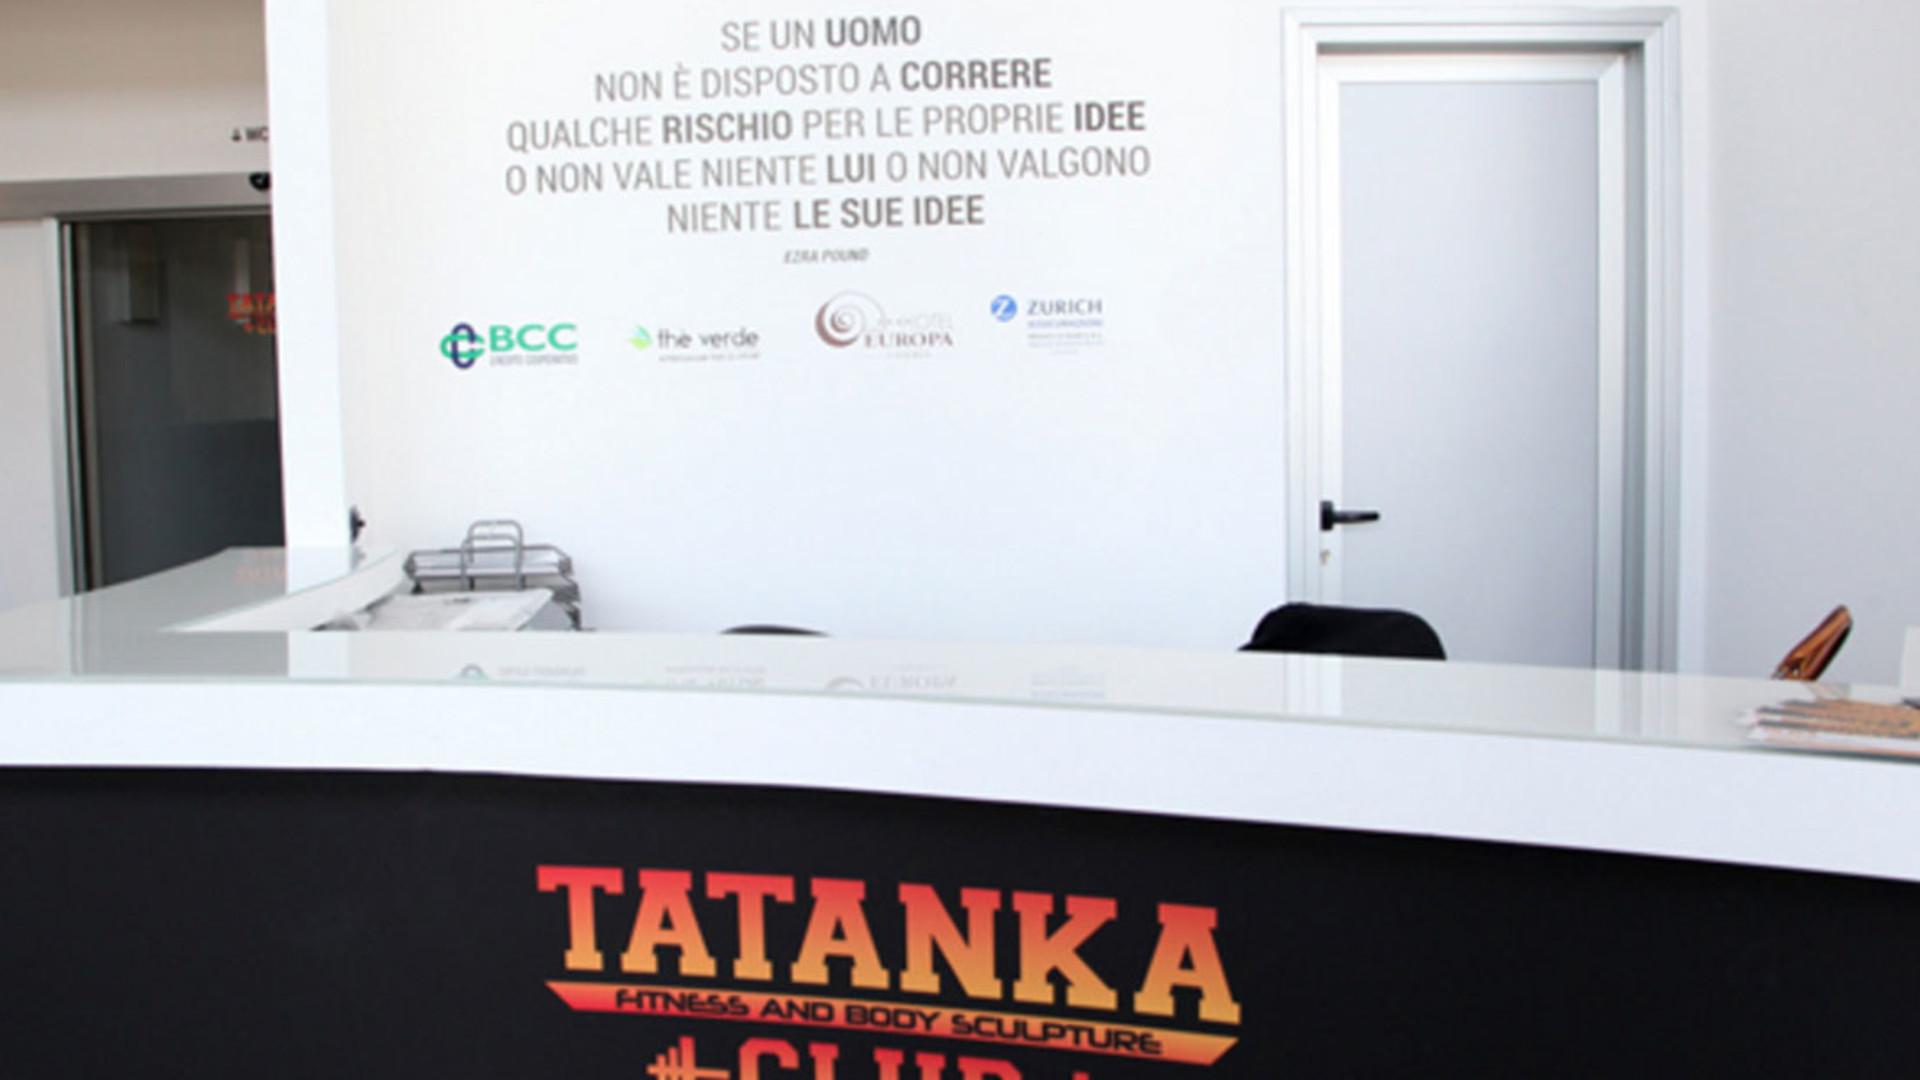 Tatanka Club